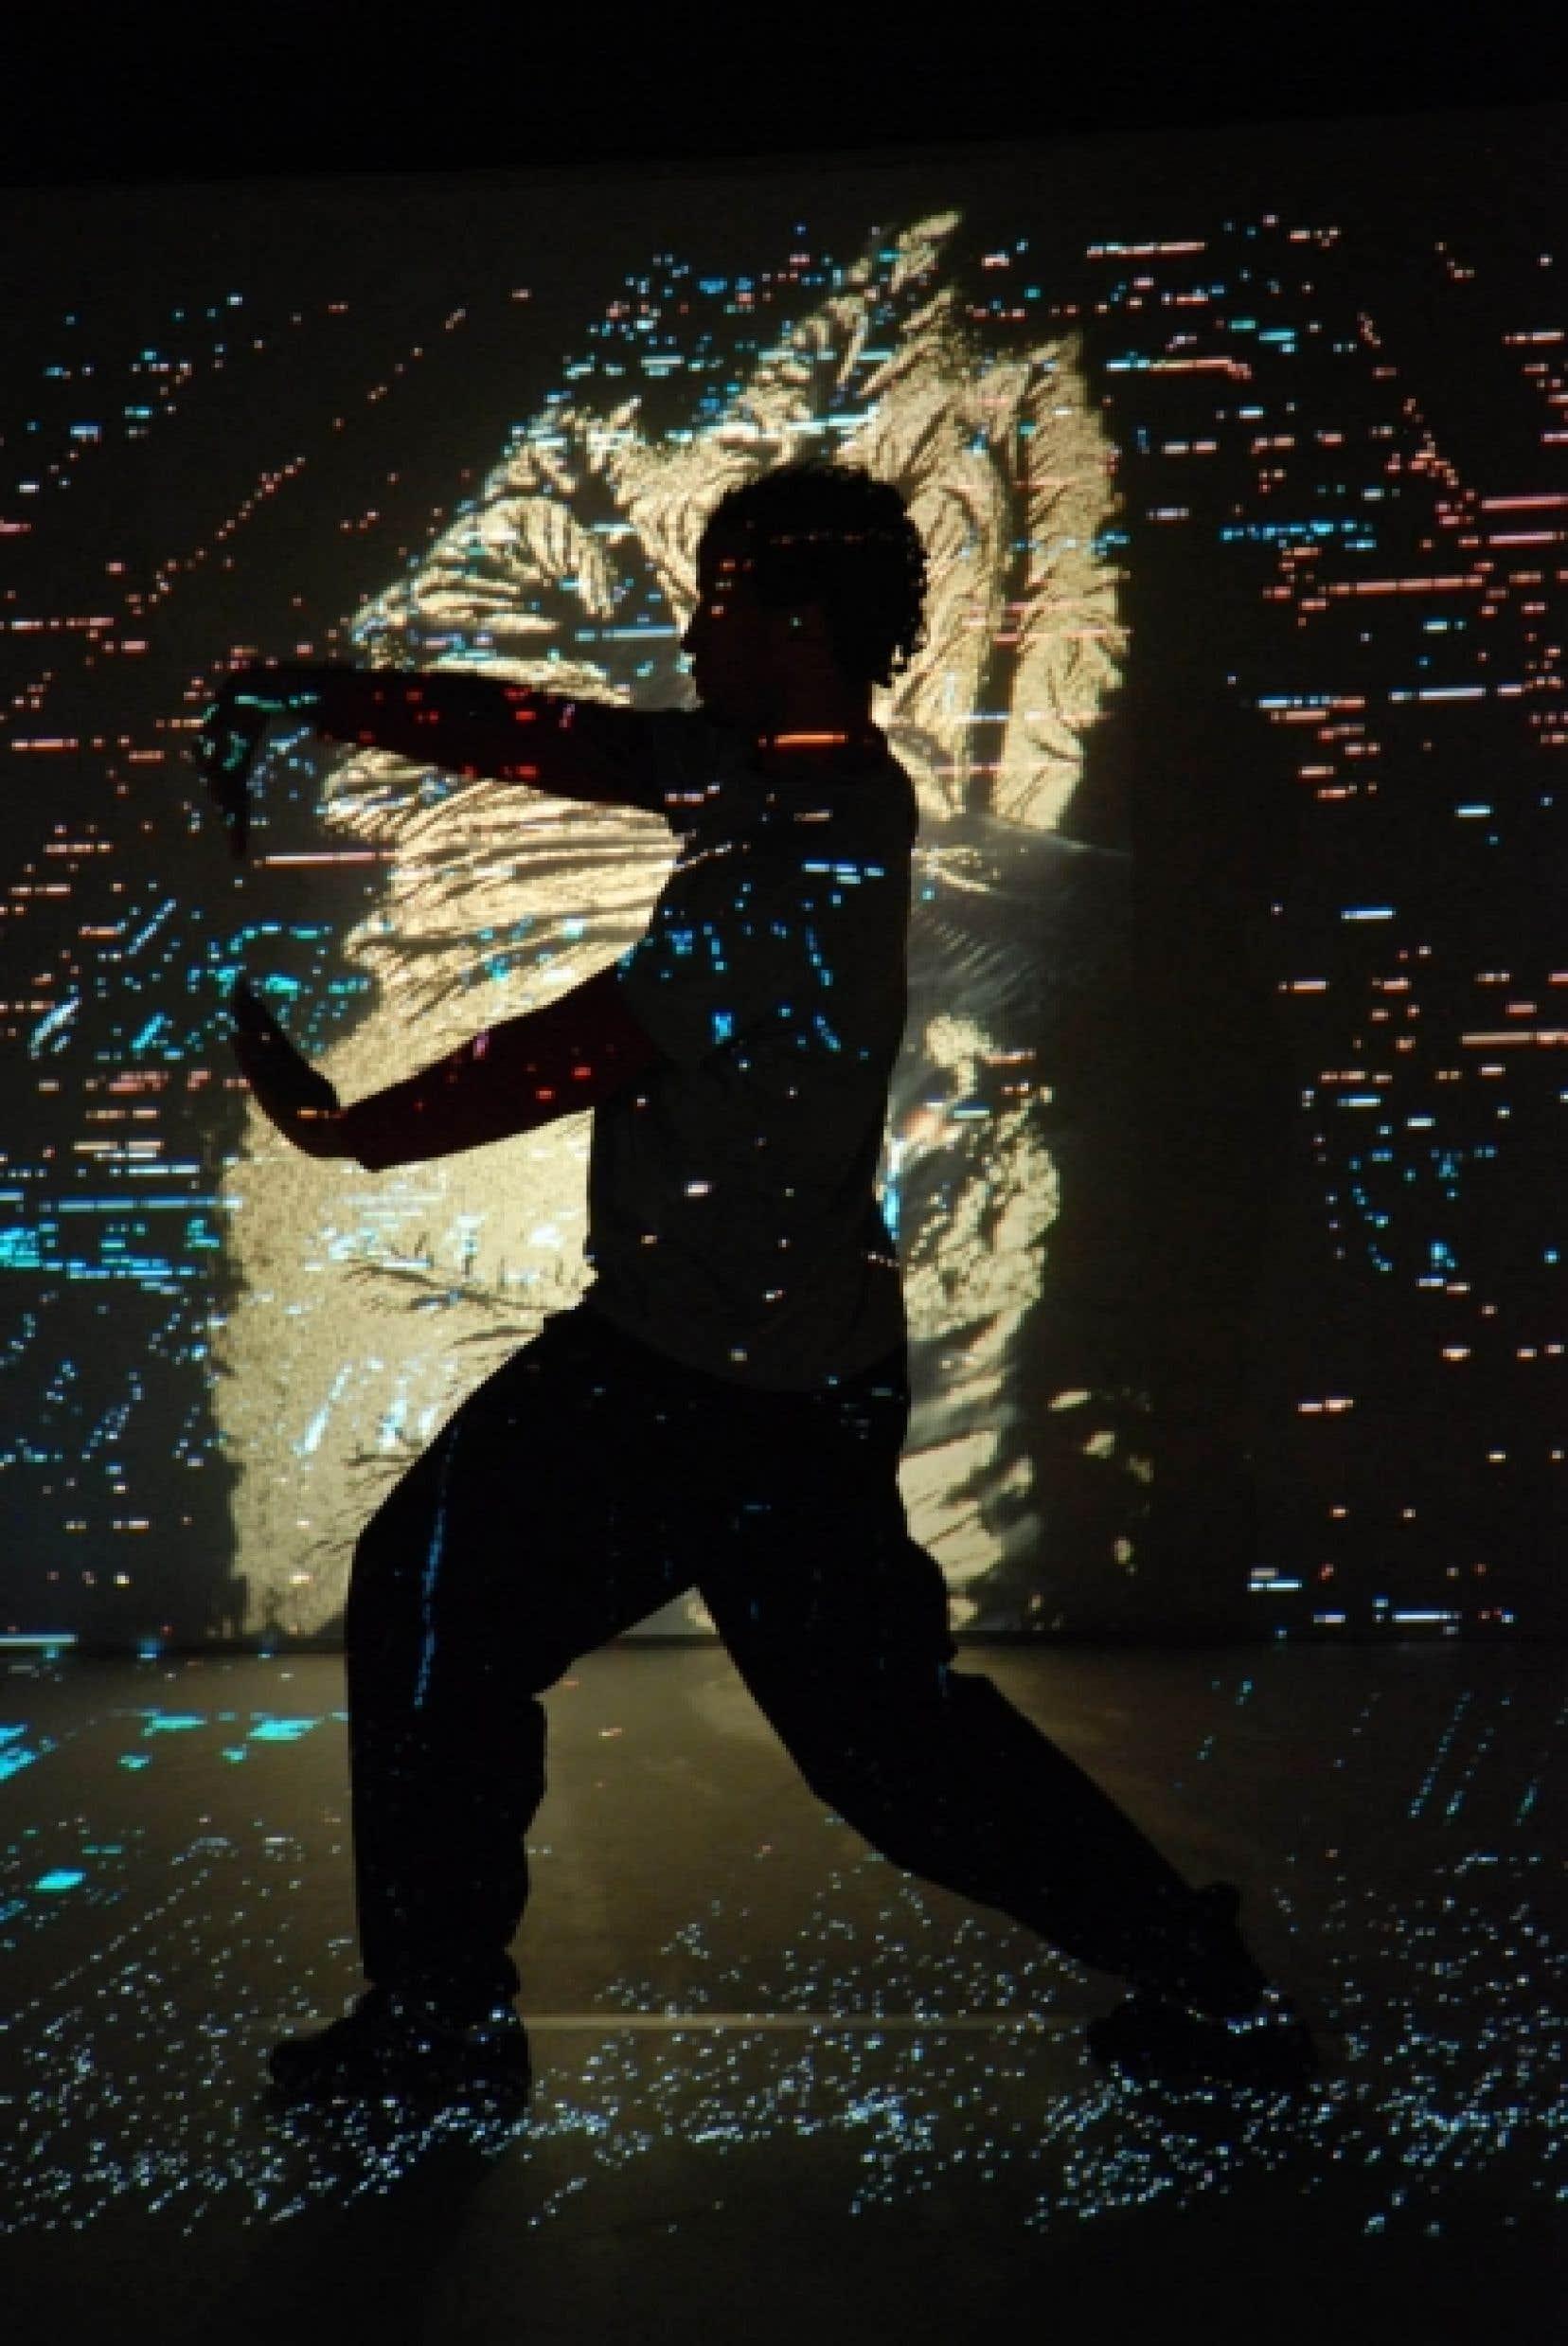 Une scène de Moi seul, un spectacle faisant appel aux langages de la danse, de la musique et de la vidéo en direct conçu, orchestré et mis en scène par Laurent Dupont, un des pionniers du théâtre pour bébés qui a plusieurs cordes à son arc.<br />